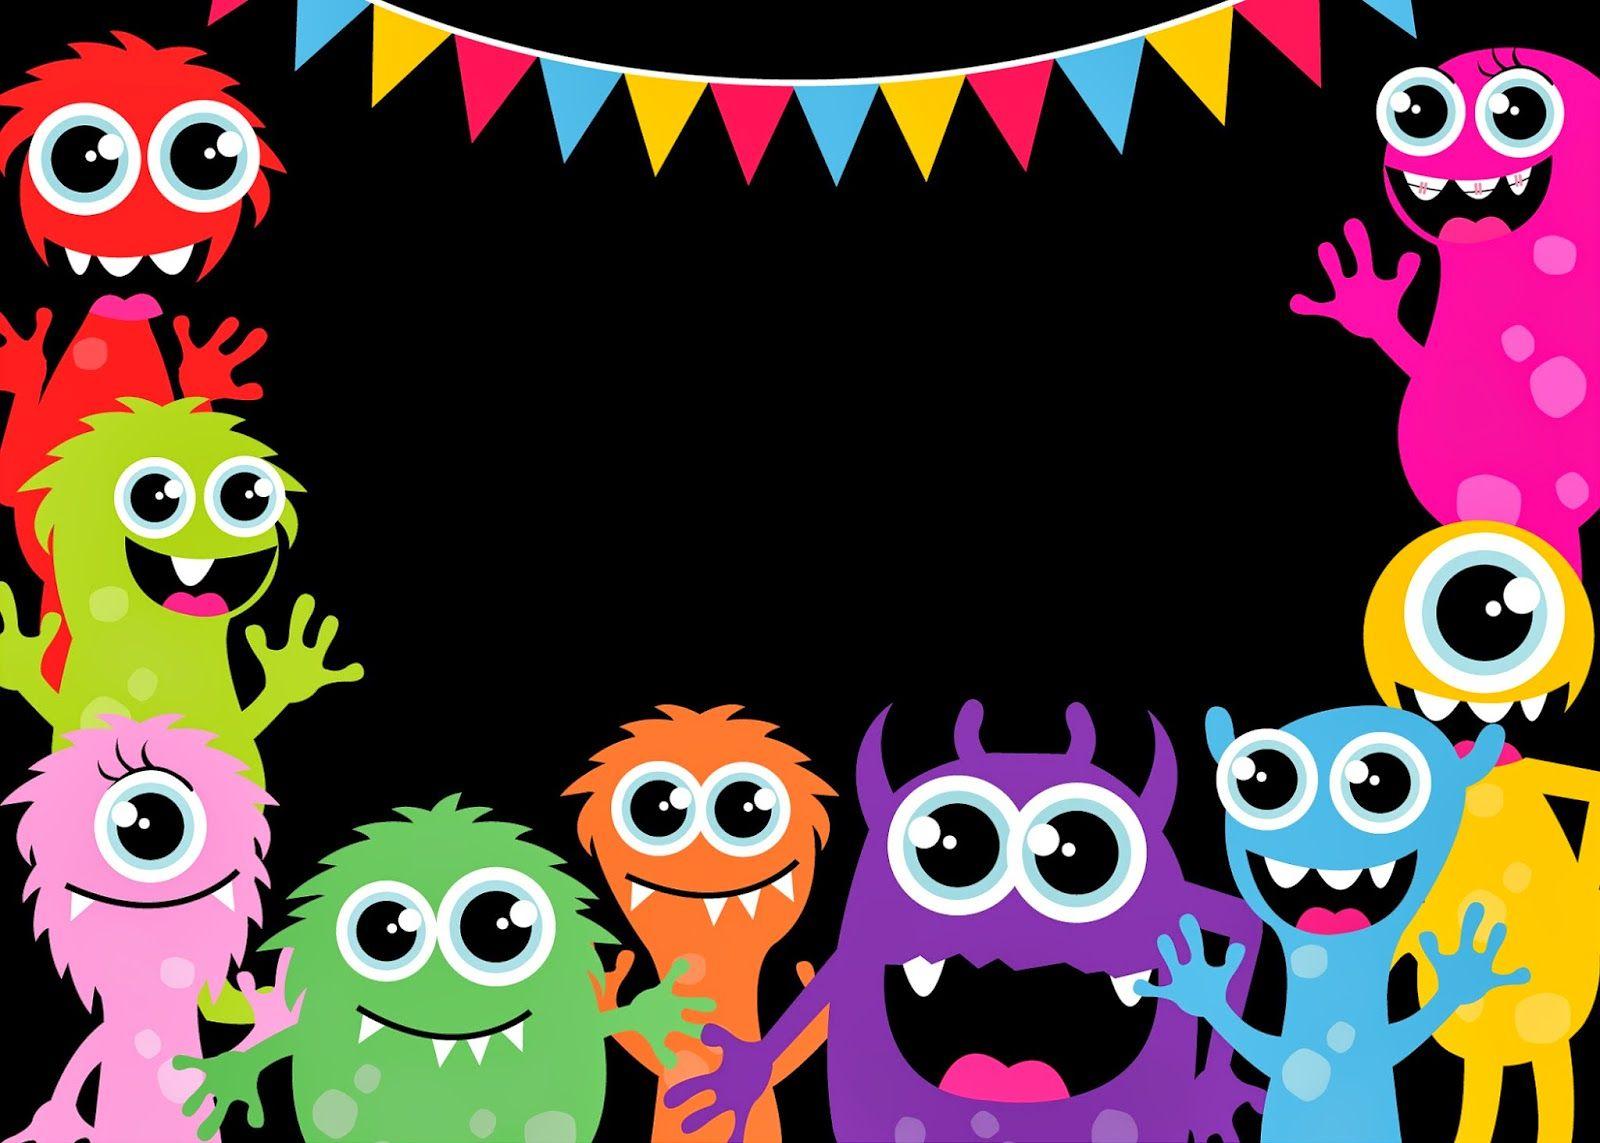 Einladung Kindergeburtstag, Kita, Schule, Geburtstage, Feiern, Einladungen,  Fasching, Kinderzimmer, Dekoration